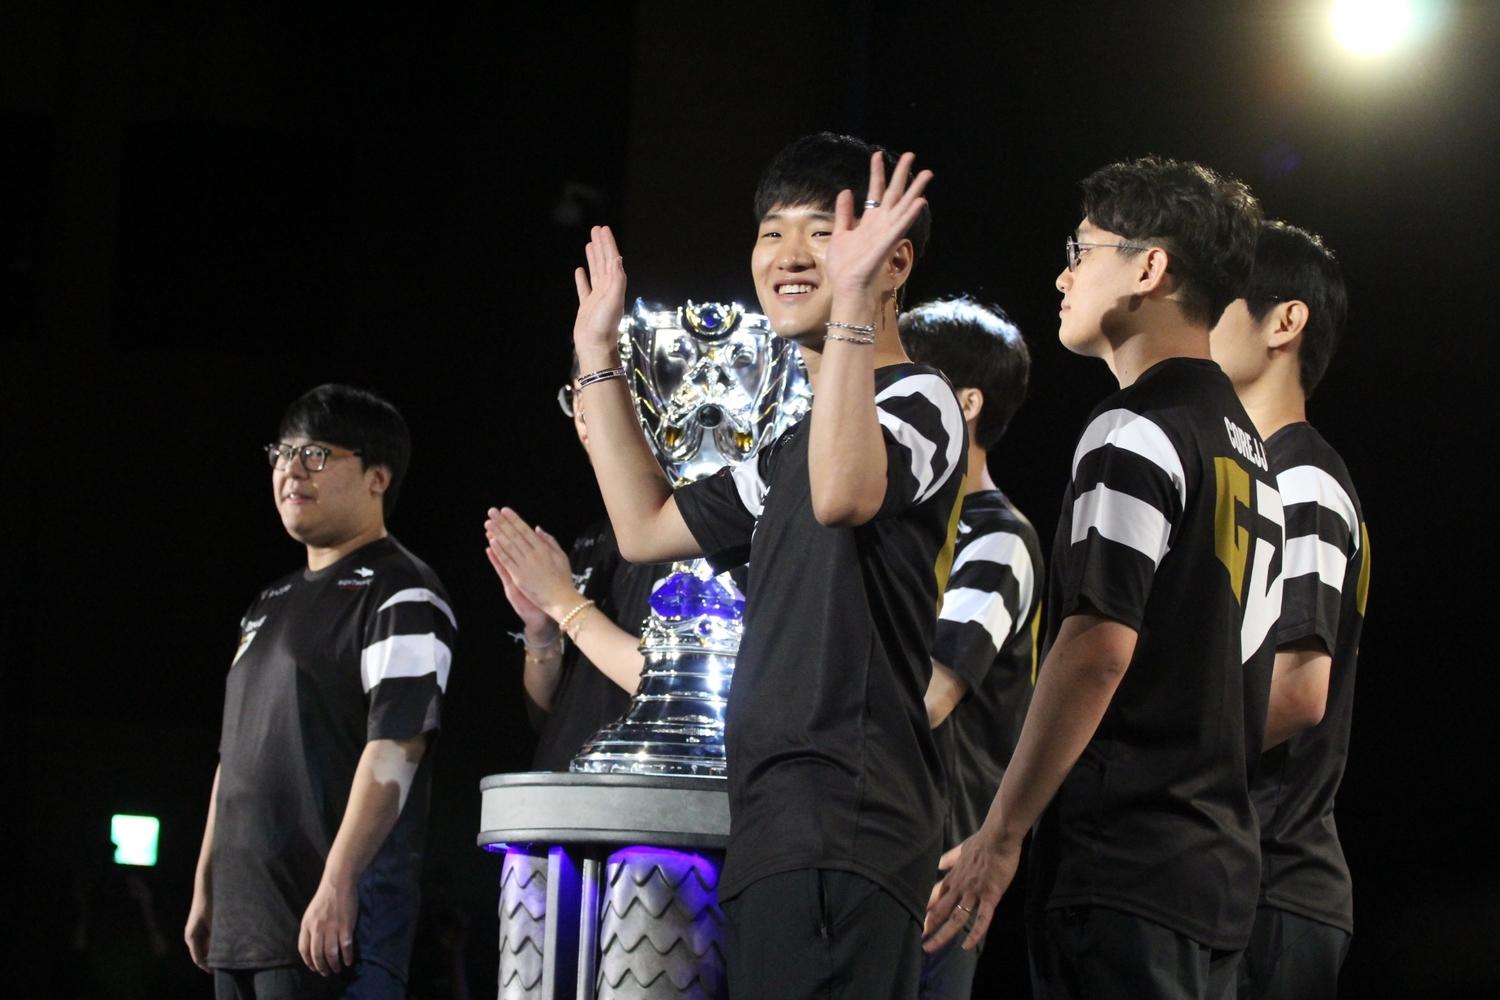 賽前儀式由GEN.G選手帶著《英雄聯盟》世界大賽冠軍獎盃出場。